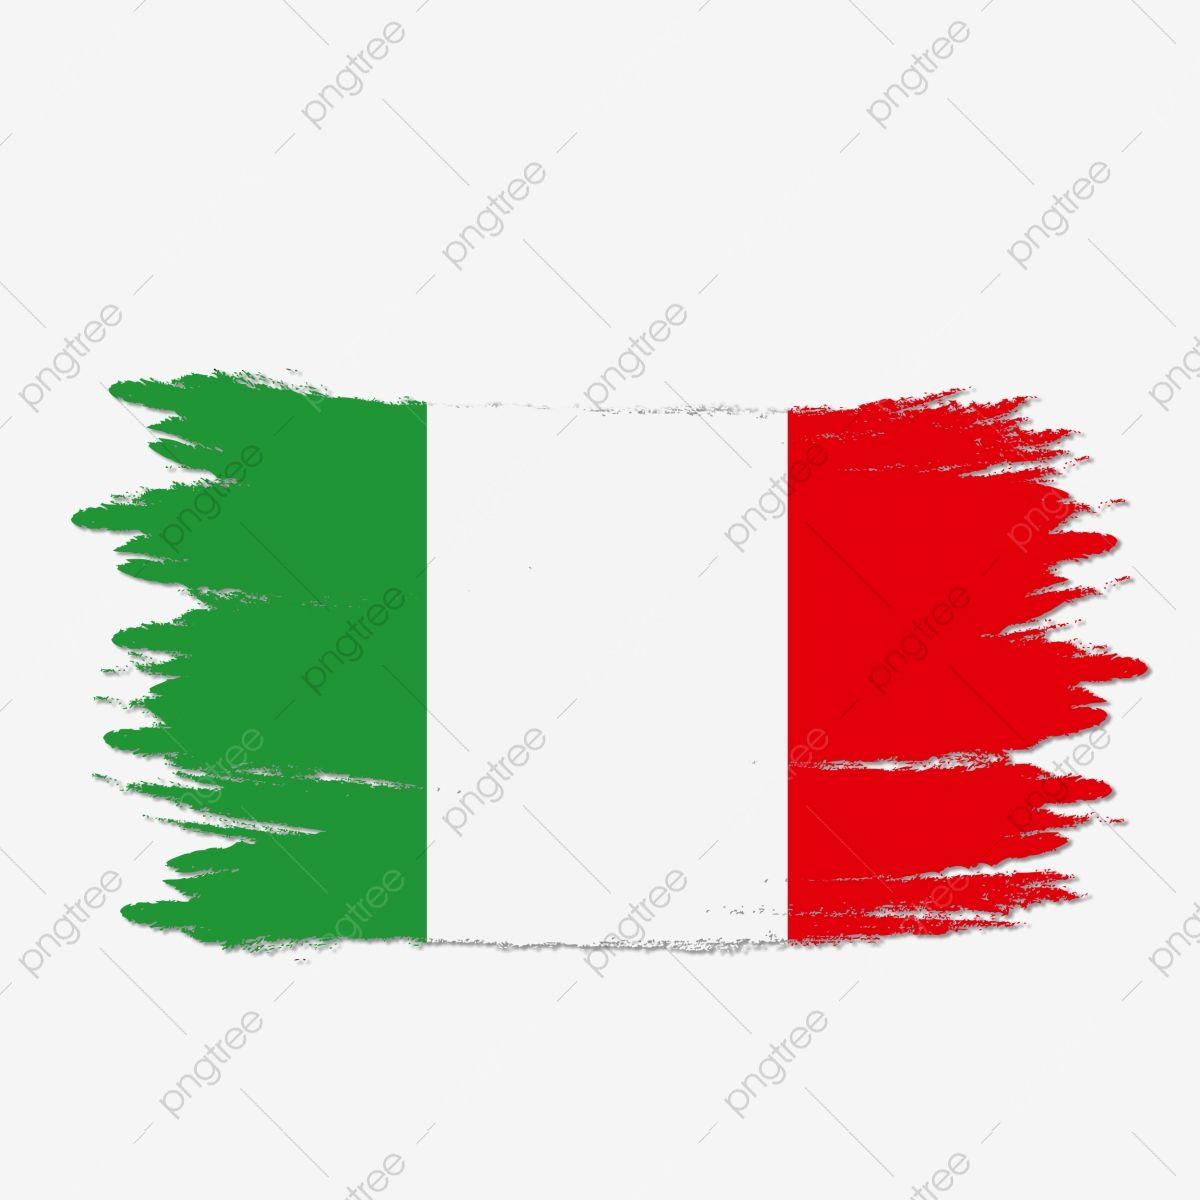 Italia Bandeira Transparente Aquarela Pintado Escova Arte Clipart Italia Pavilhao Da Italia Imagem Png E Psd Para Download Gratuito In 2021 Art Clipart Italy Flag Flag Art